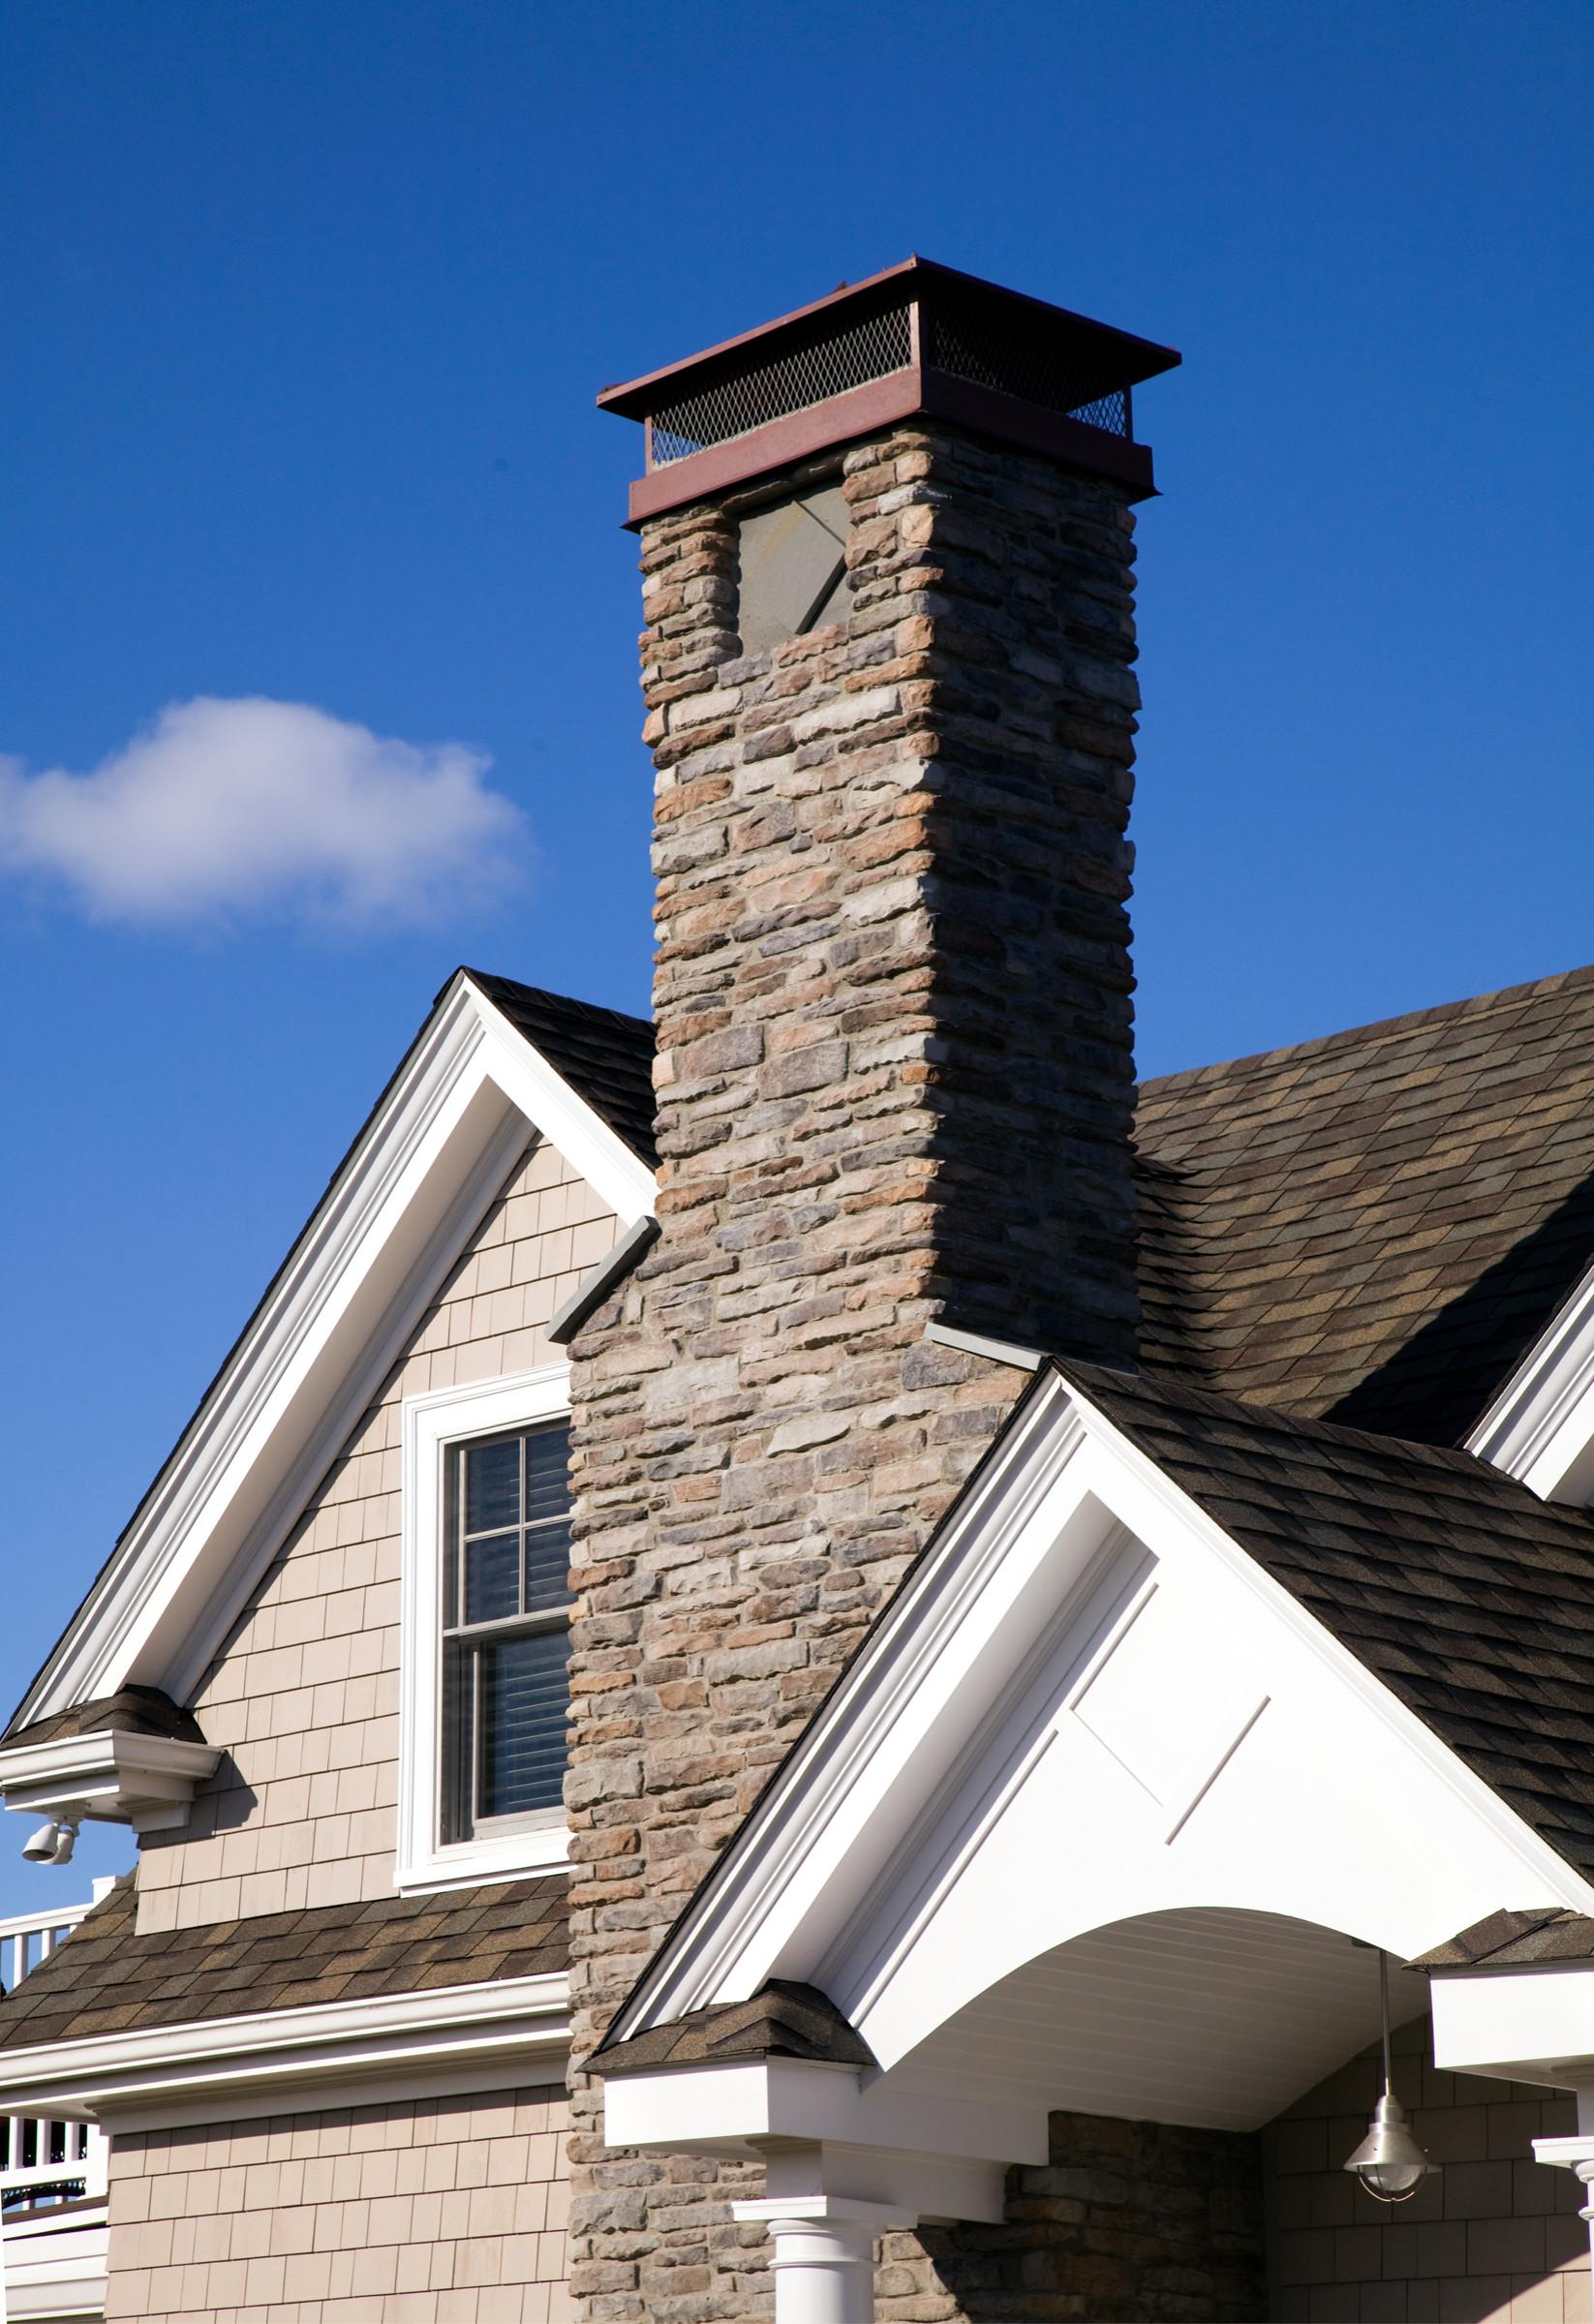 Chimney & Entry Details